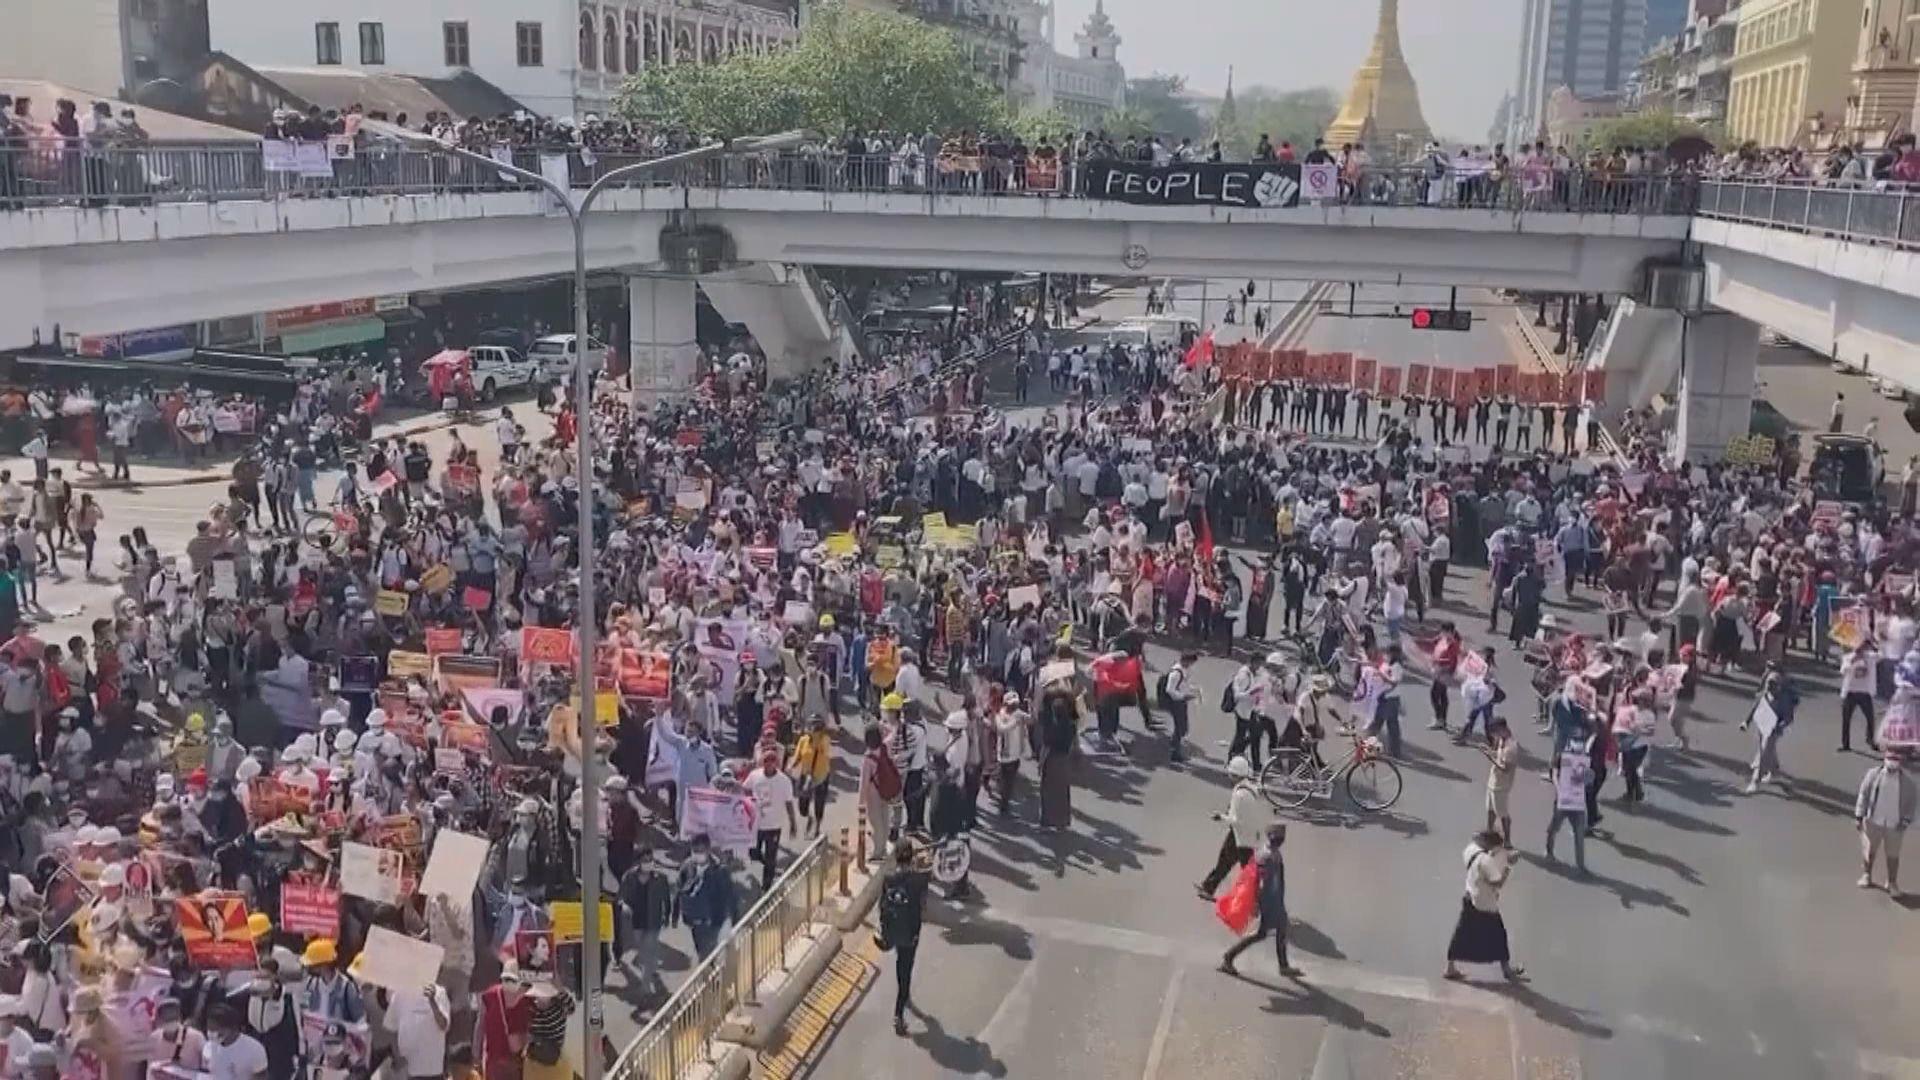 美聯社:緬甸今日示威人數為軍事政變以來最多